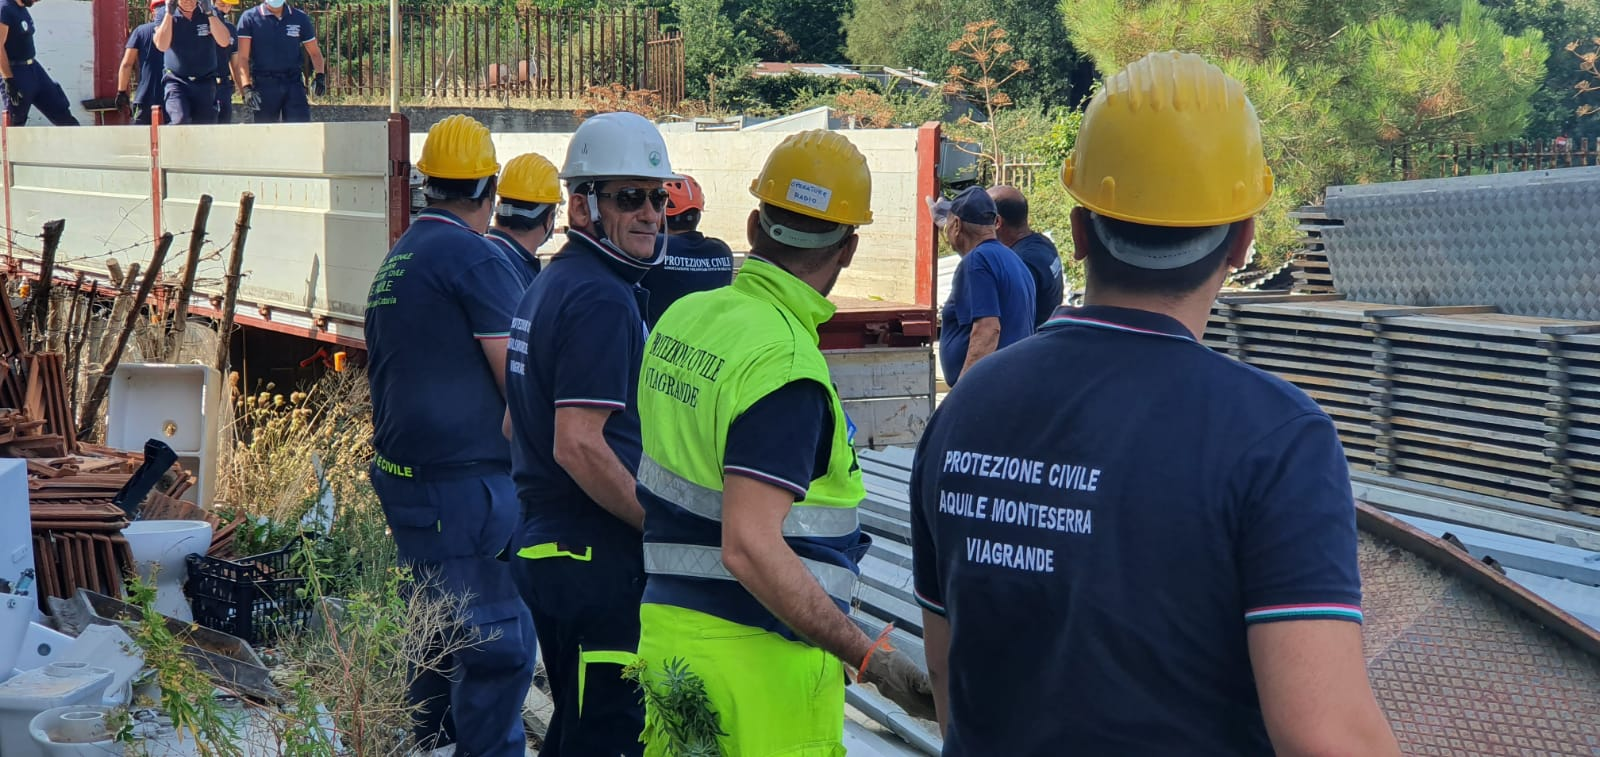 San Giovanni La Punta, sarà installata una grande tensostruttura nella sede del Dipartimento regionale della Protezione Civile